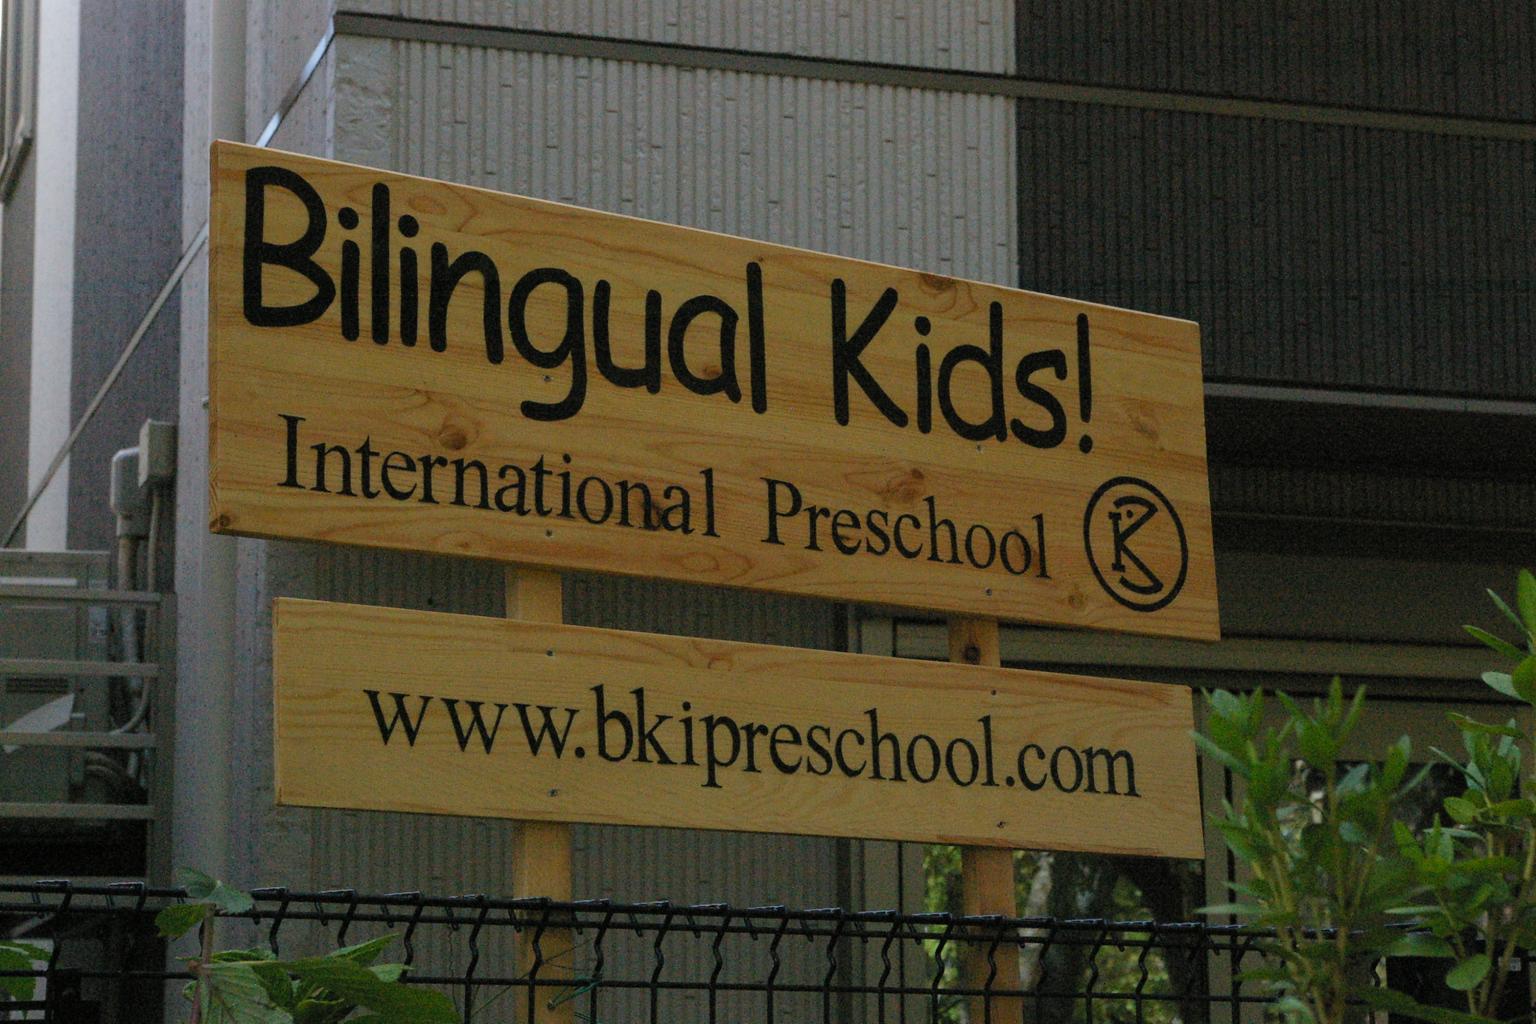 バイリンガル - キッズ  - インターナショナル - プリスクール - Bilingual - Kids - International - Preschool